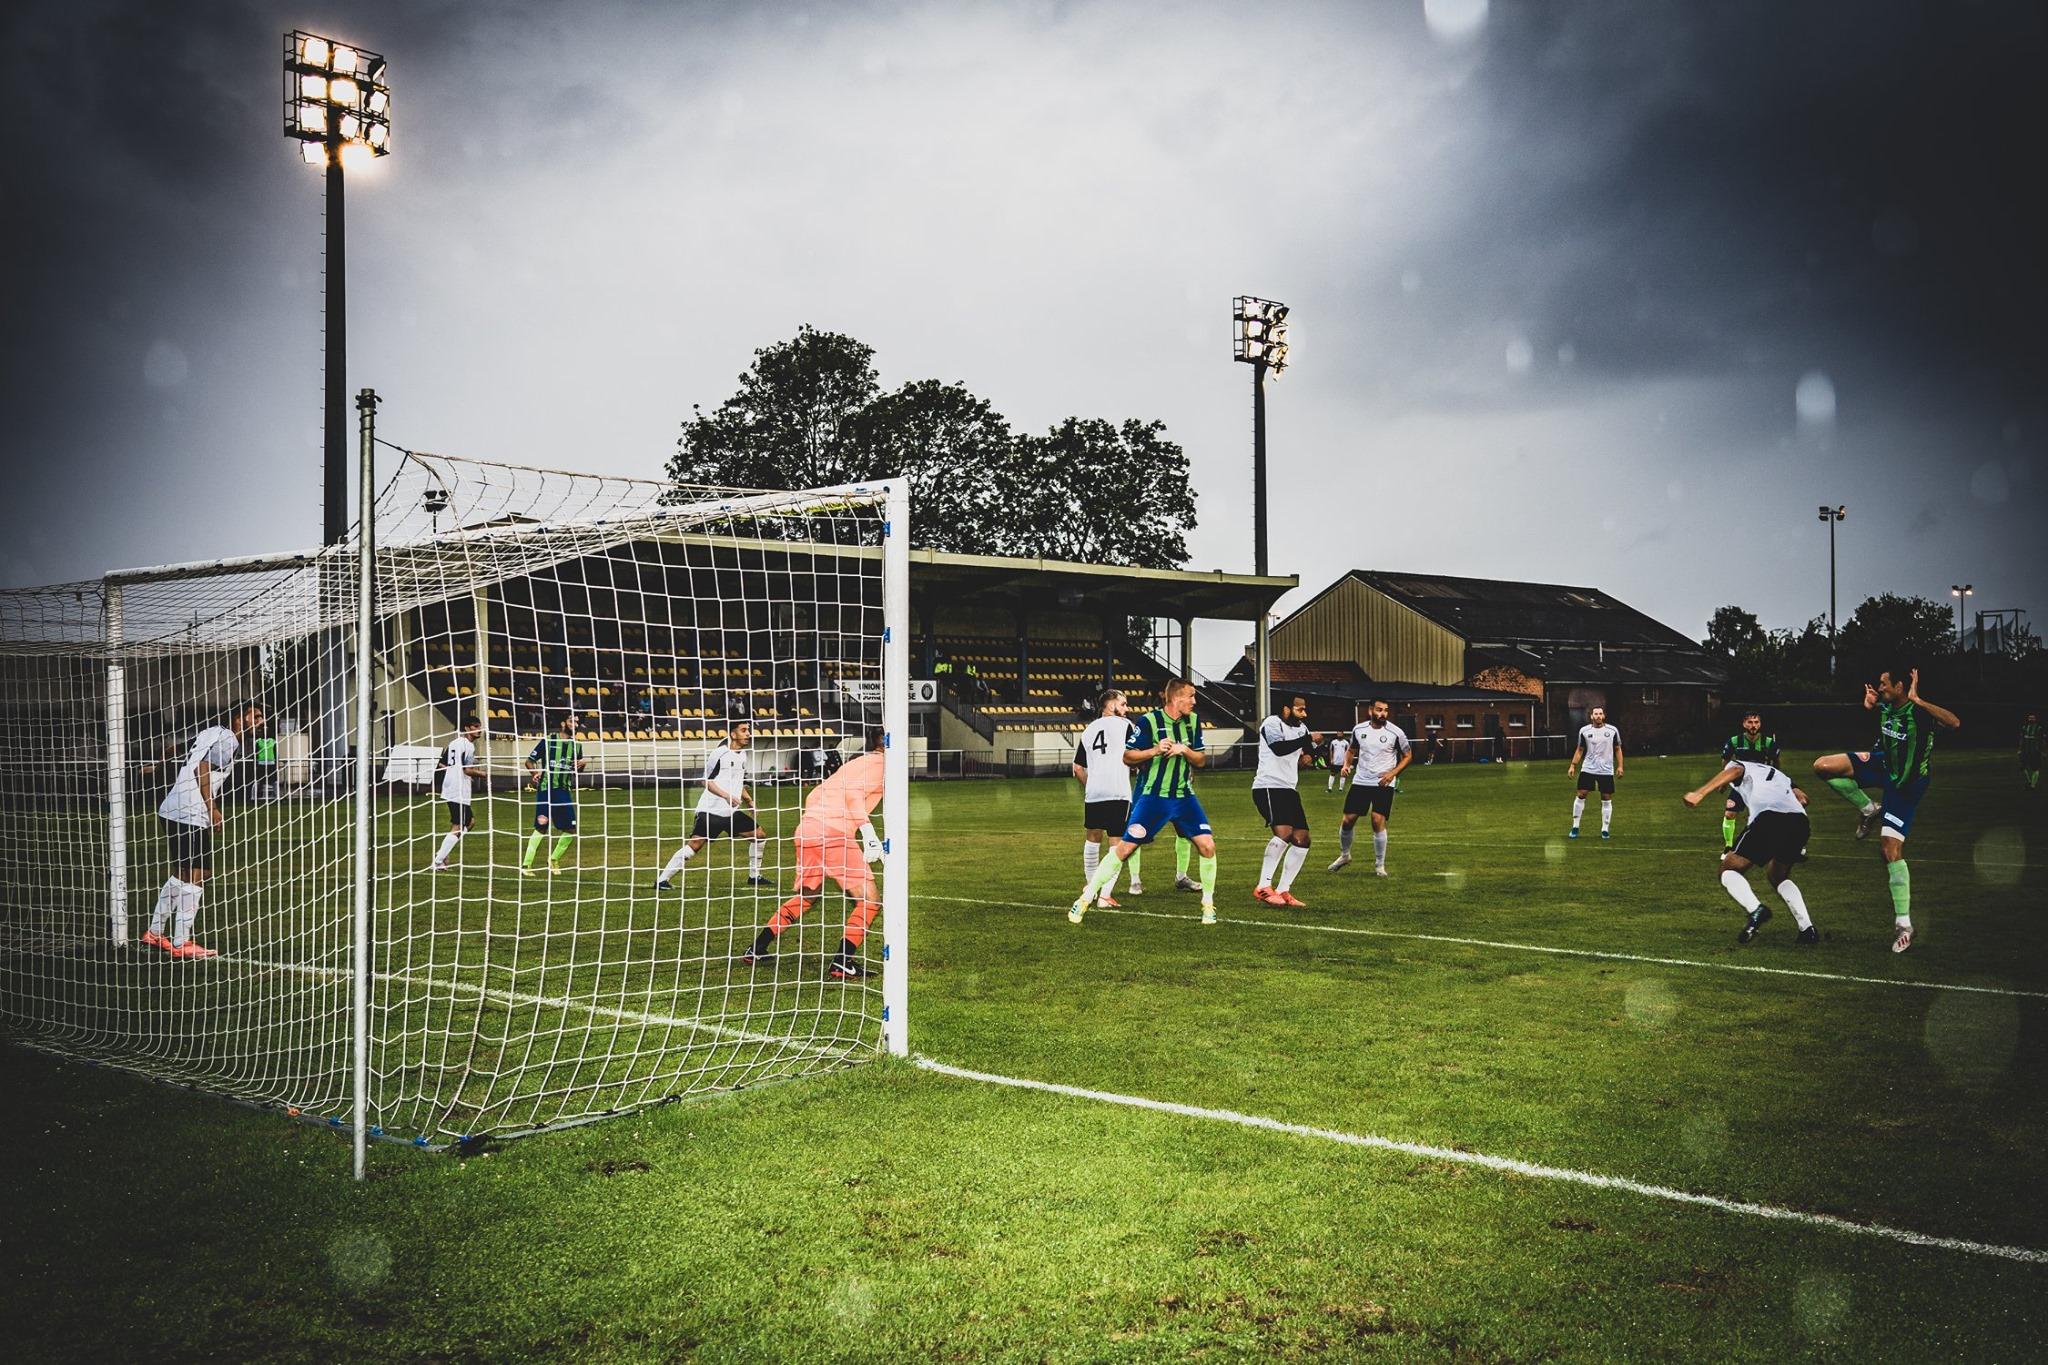 Stadion van een club uit de historische Franse bekerfinale!